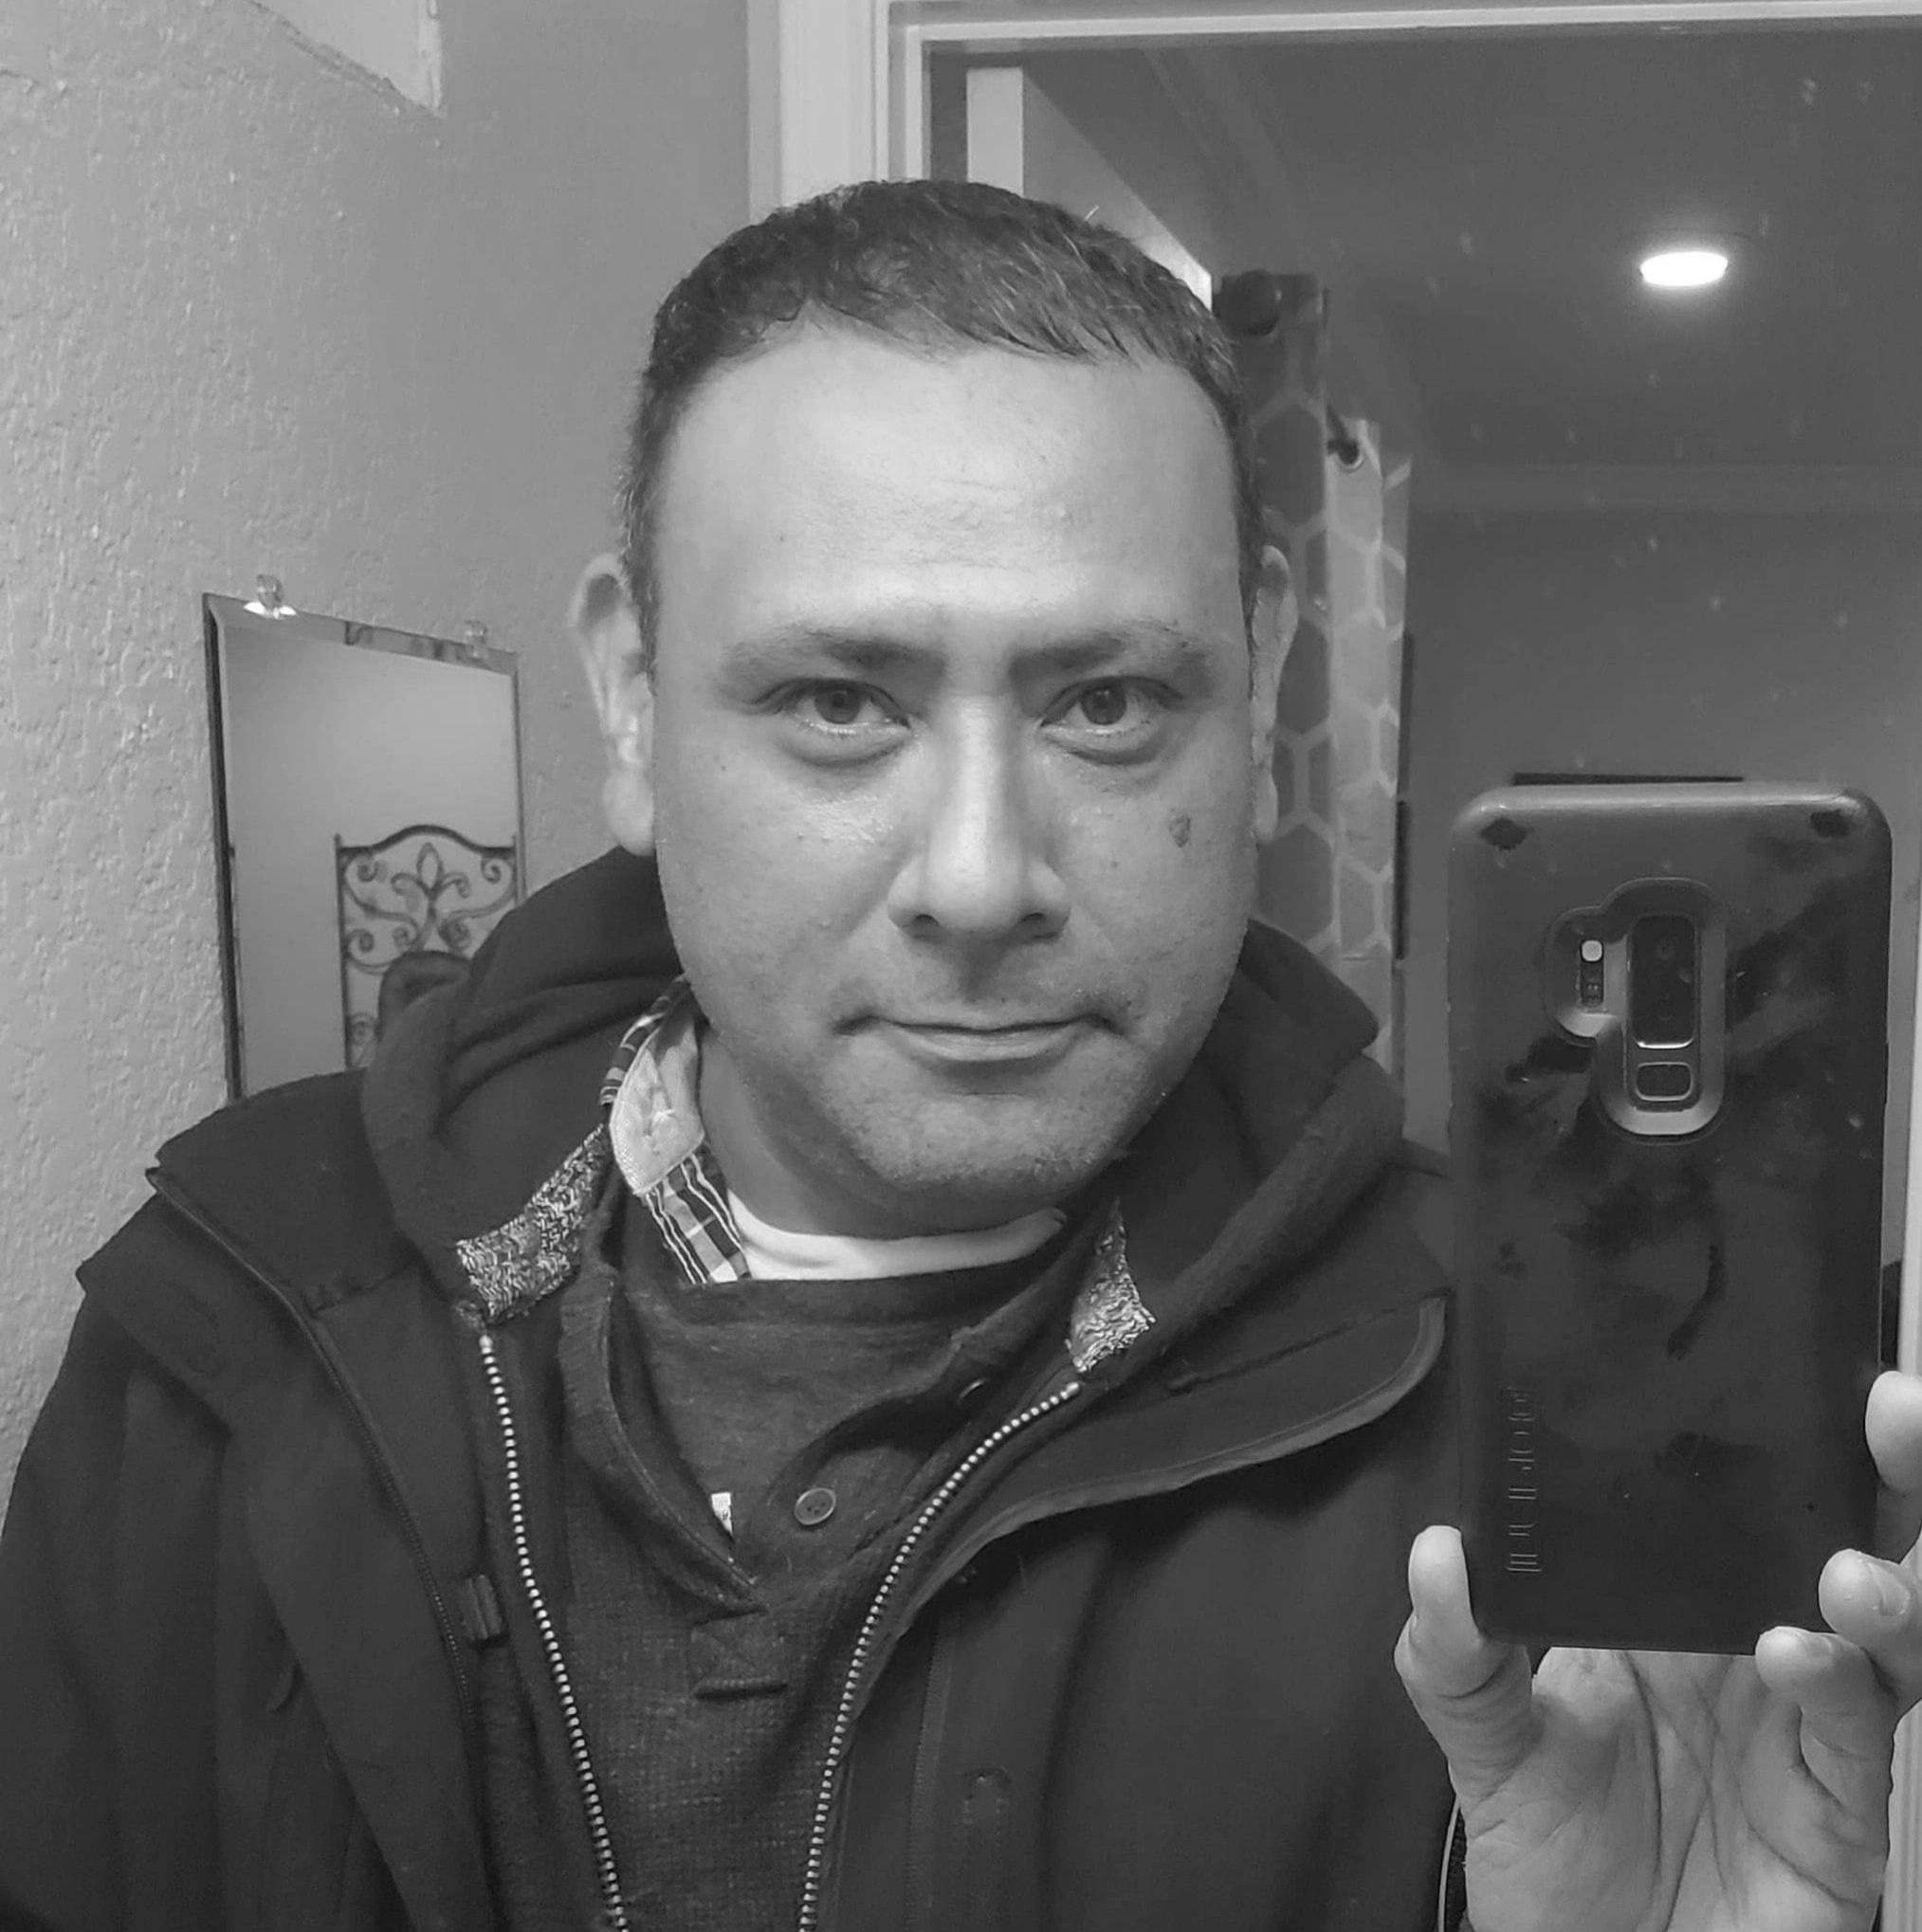 Sergio Cordova of Brownsville, TX